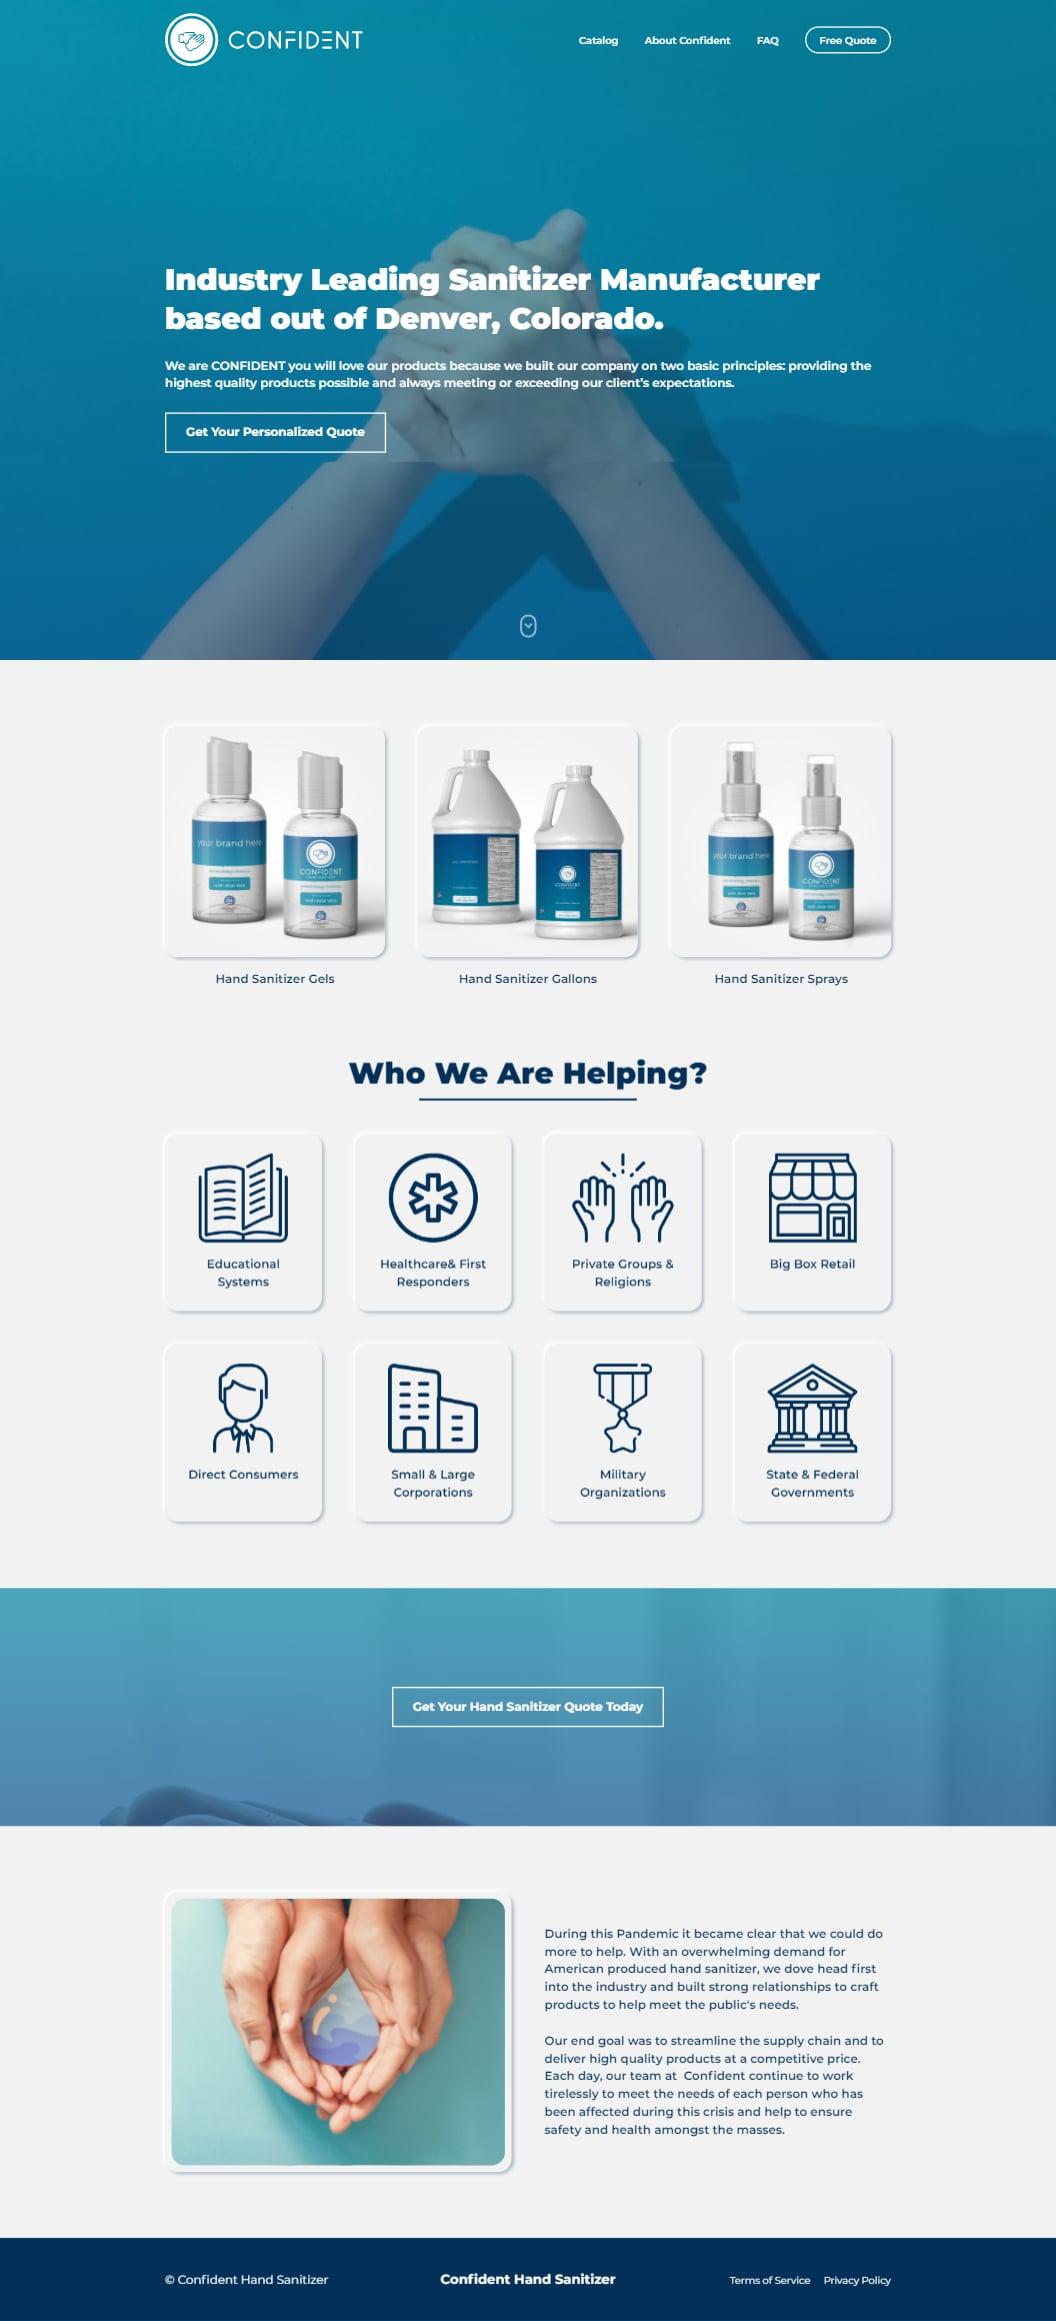 Industry Leading Sanitizer Manufacturer